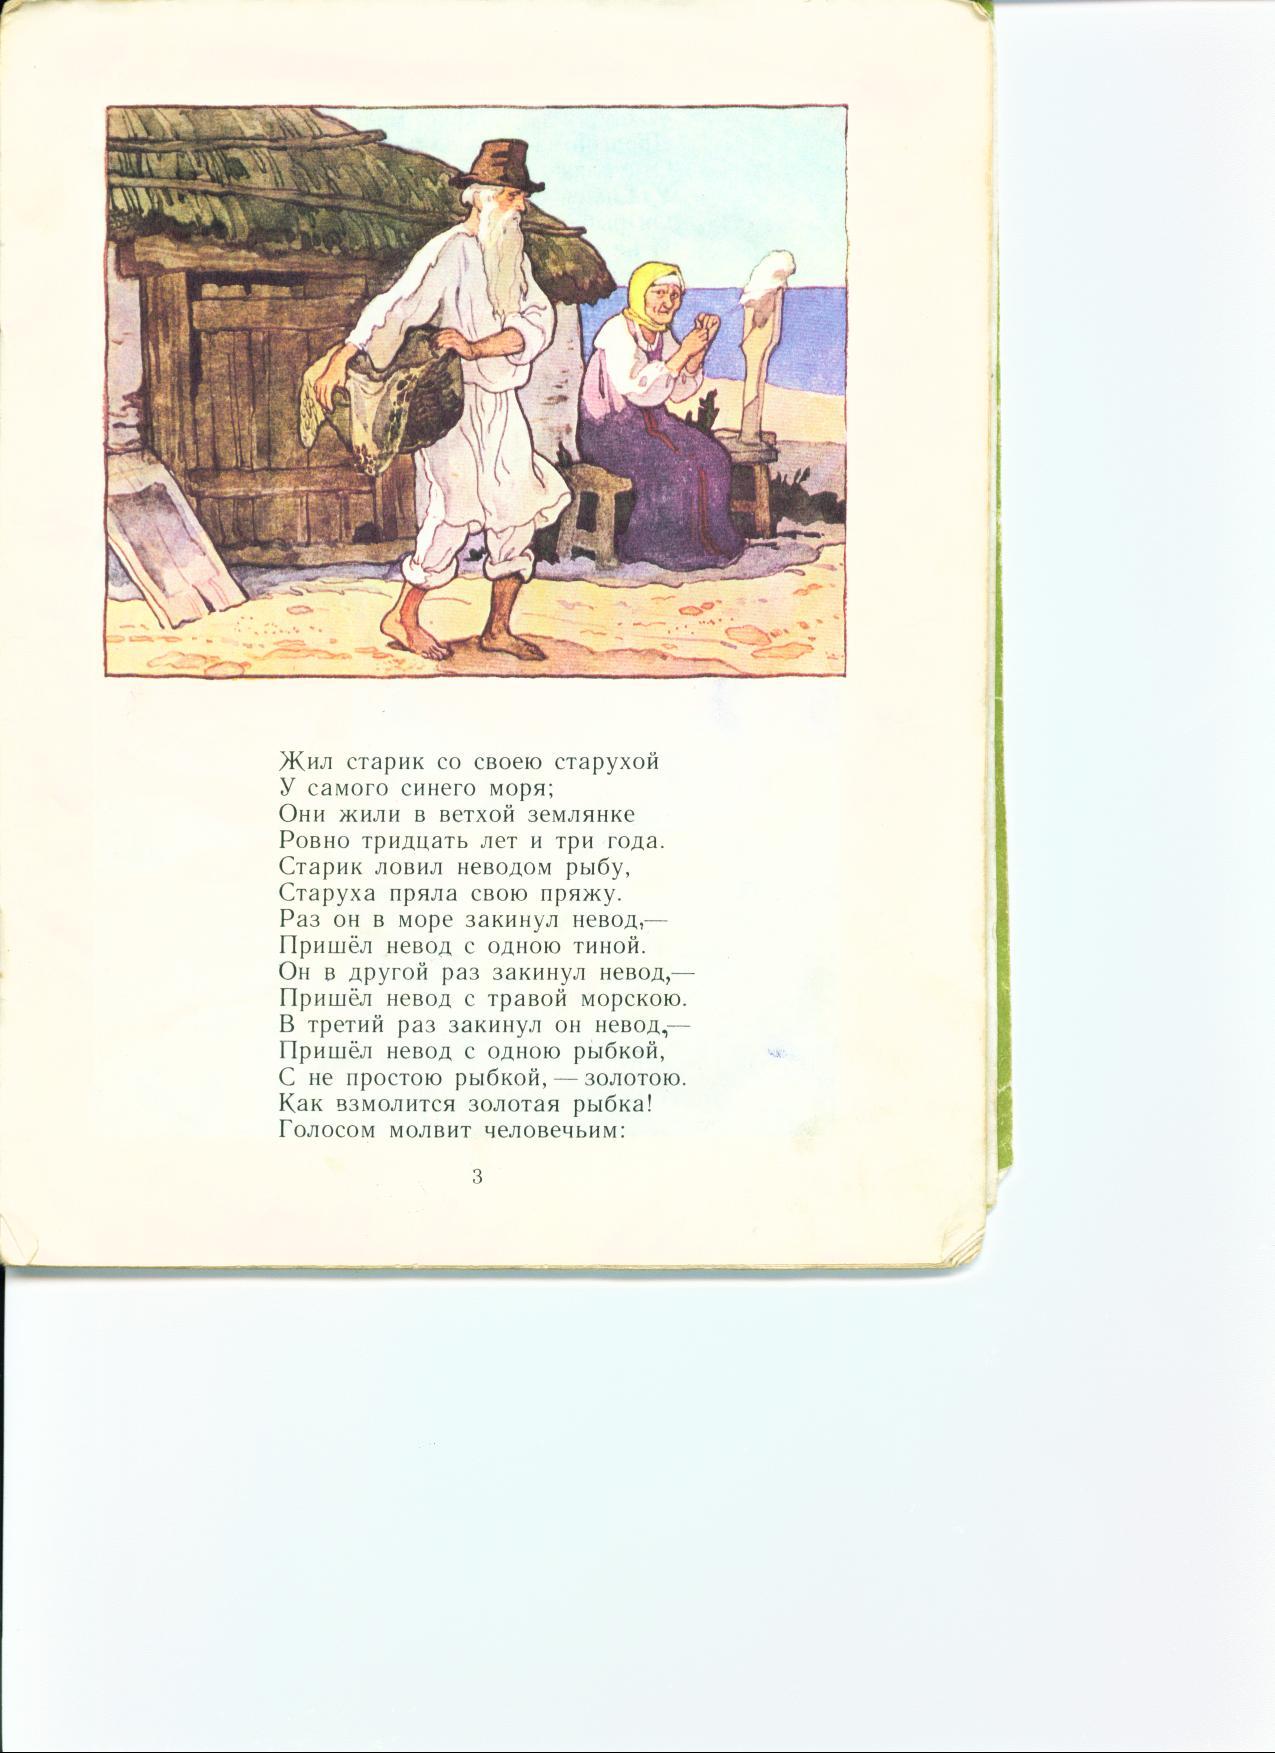 печатать текст сказка о царе салтане doc